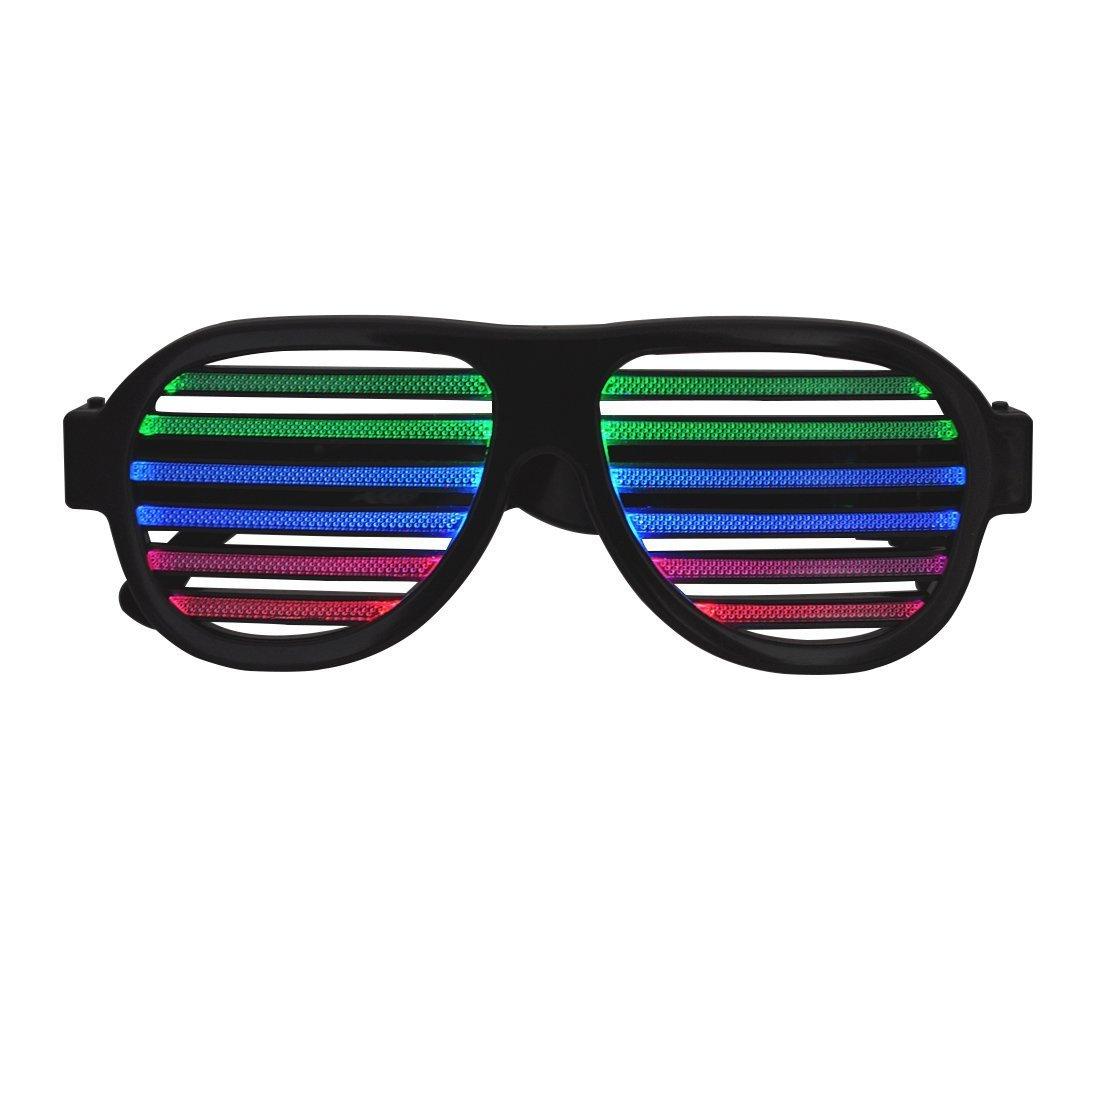 c7110ec5c61 Jeasun Newest LED Glasses